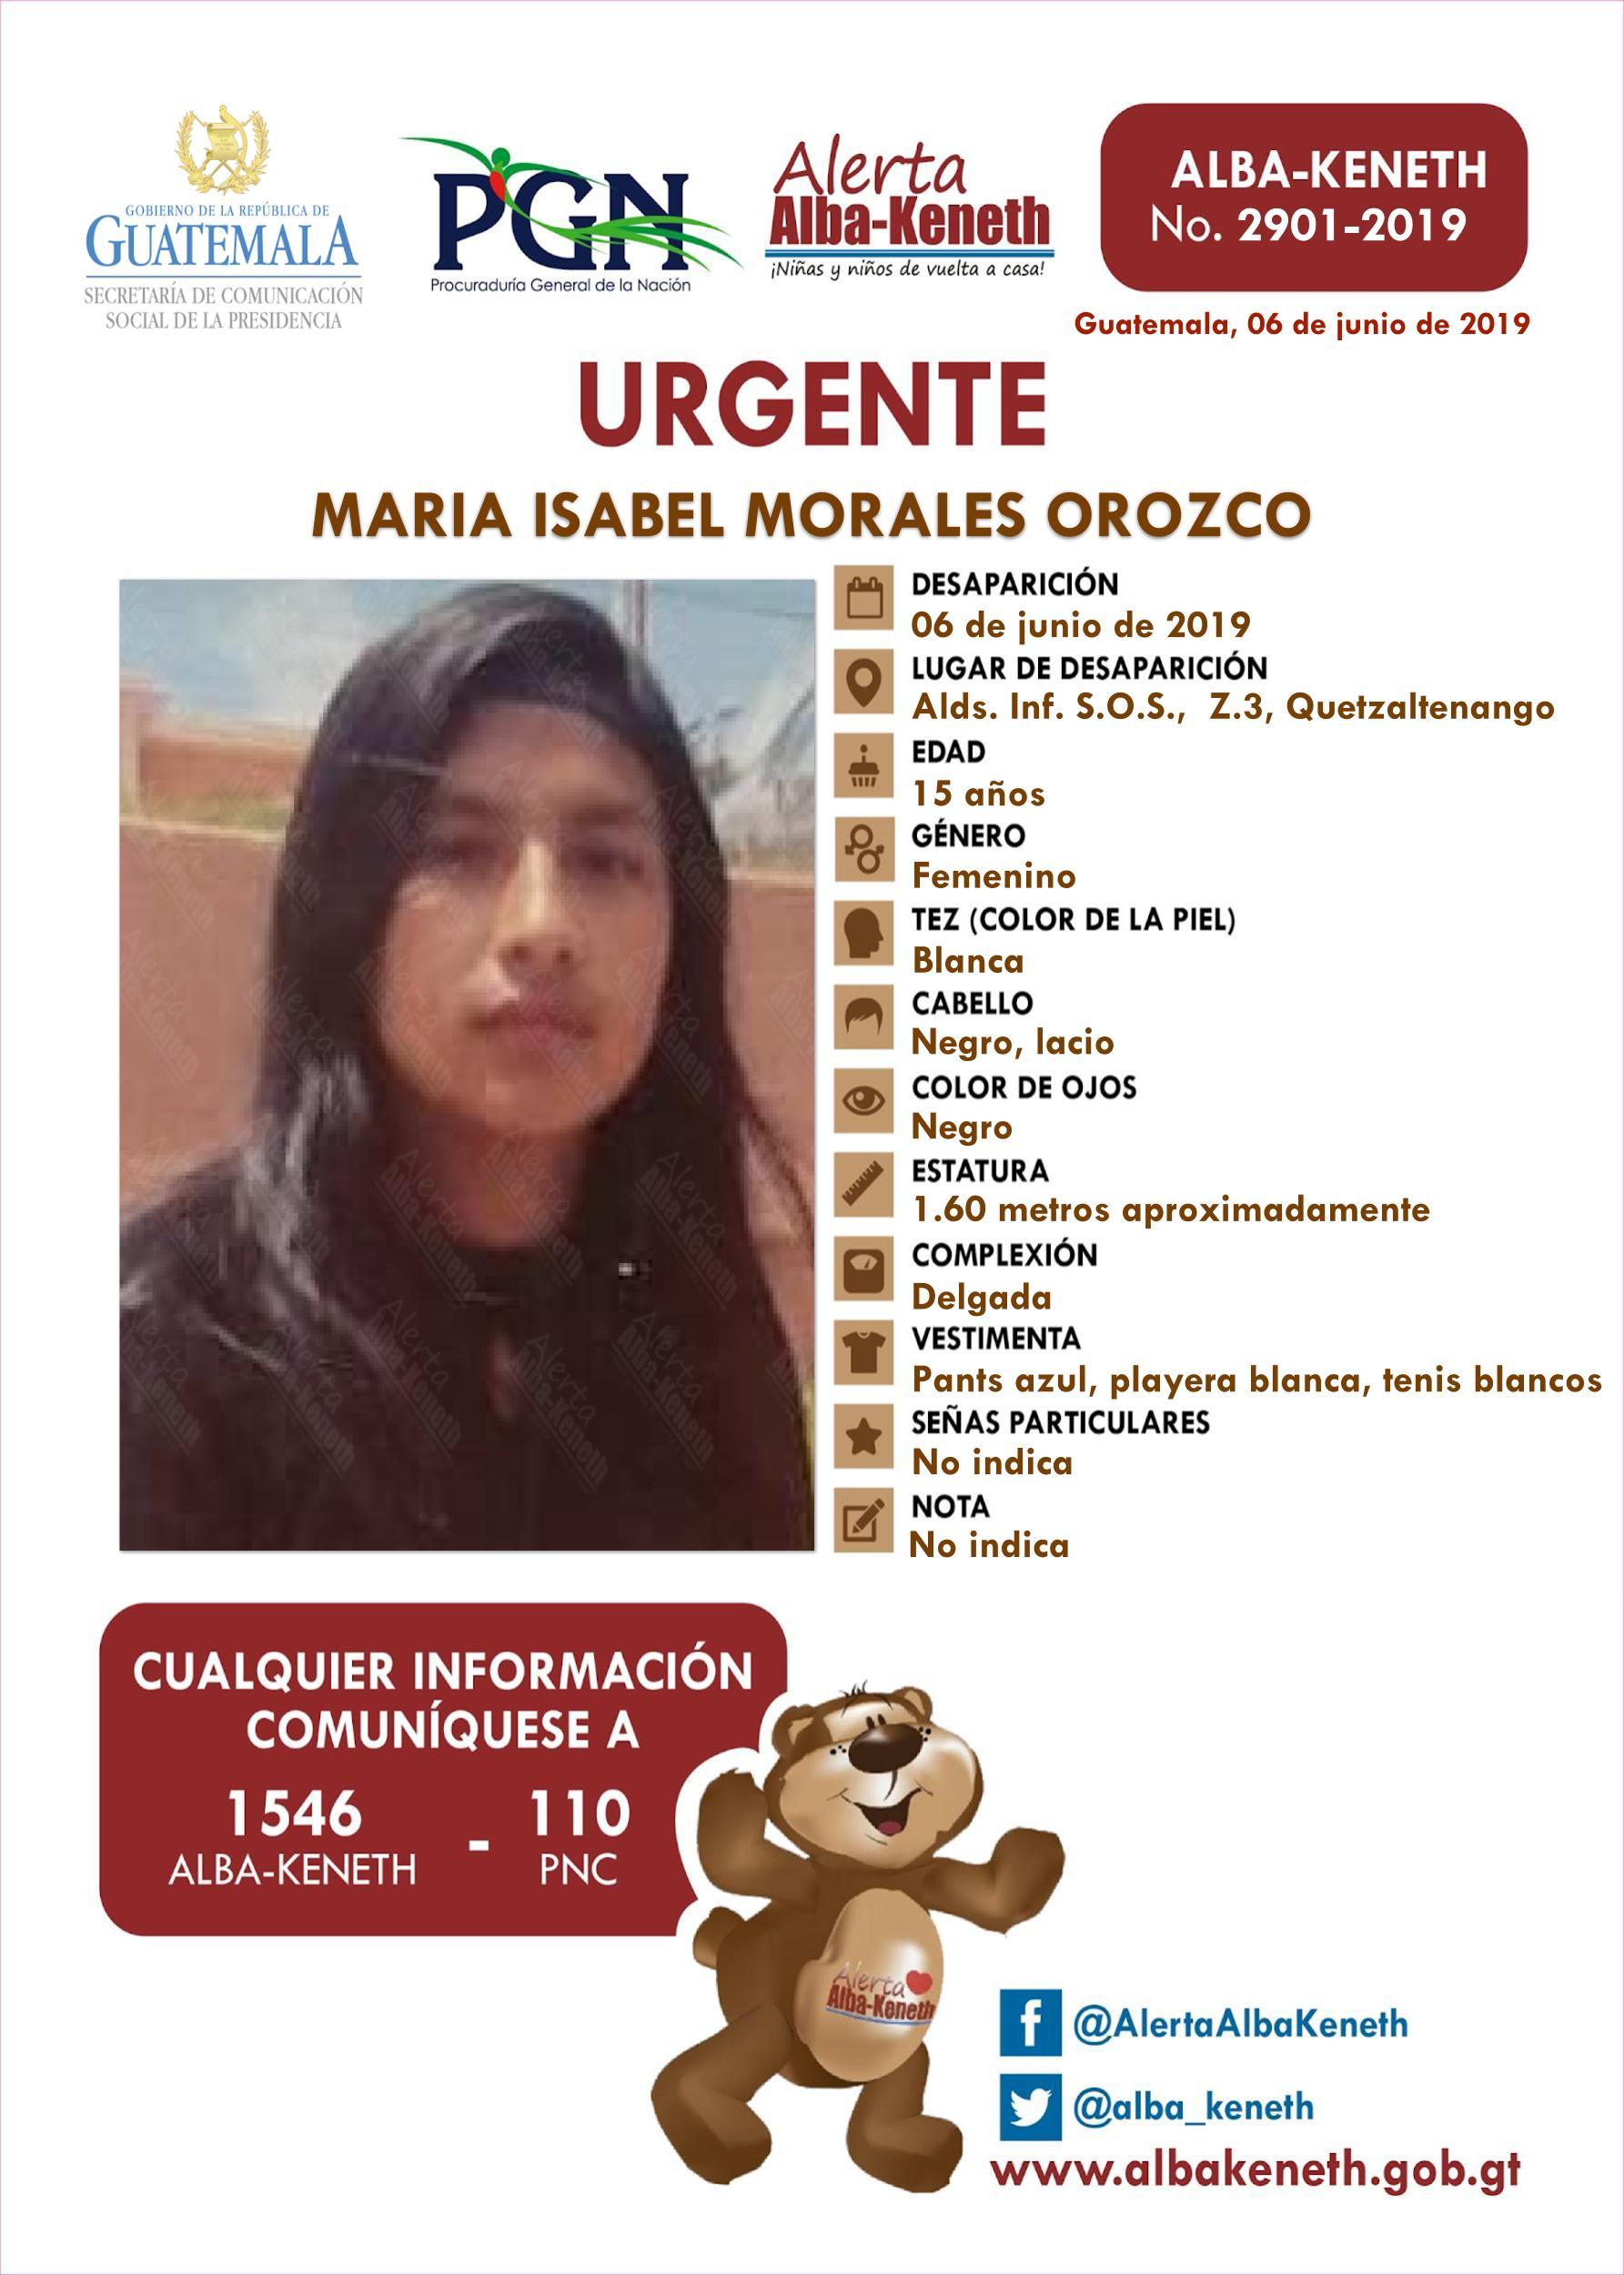 Maria Isabel Morales Orozco